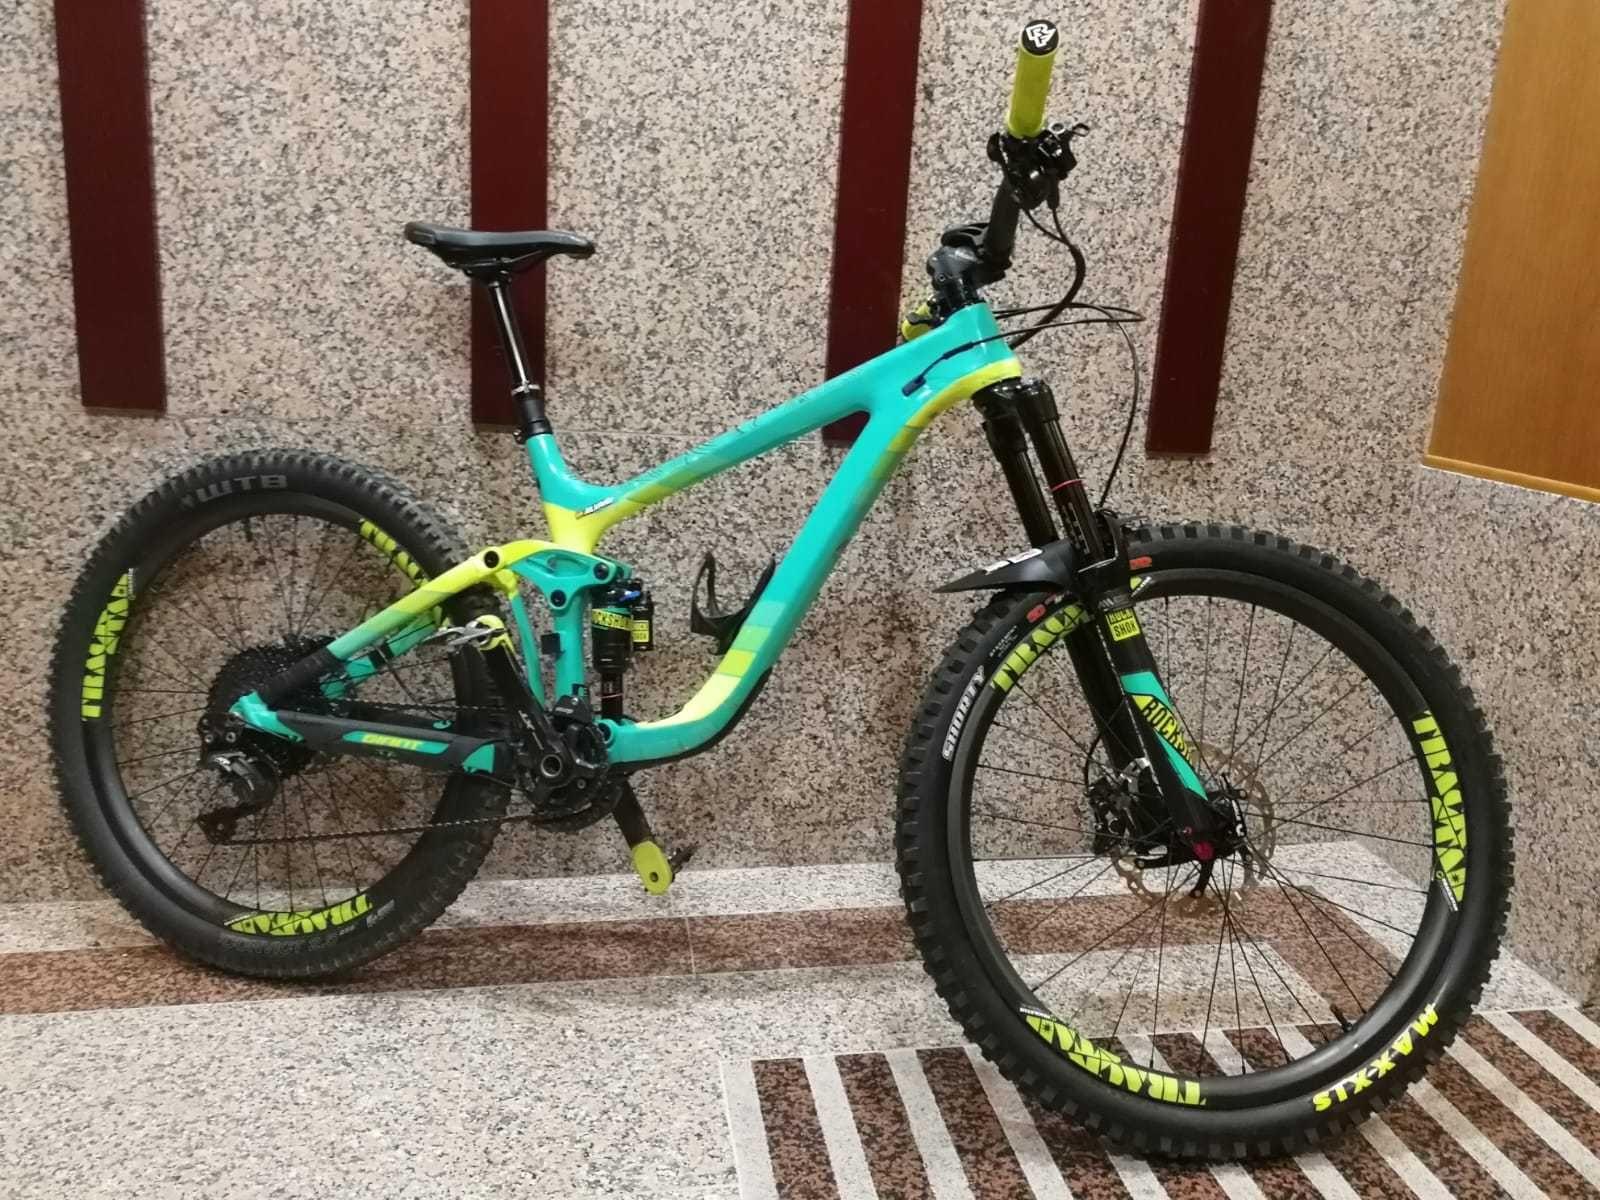 Bicicleta De Montaña Giant Reign Advanced 1 Ref 40359 Talla M Año 2016 Cambio Shimano Deore Xt Bicicletas Accesorios Para Bicicletas Bicicletas Deportivas